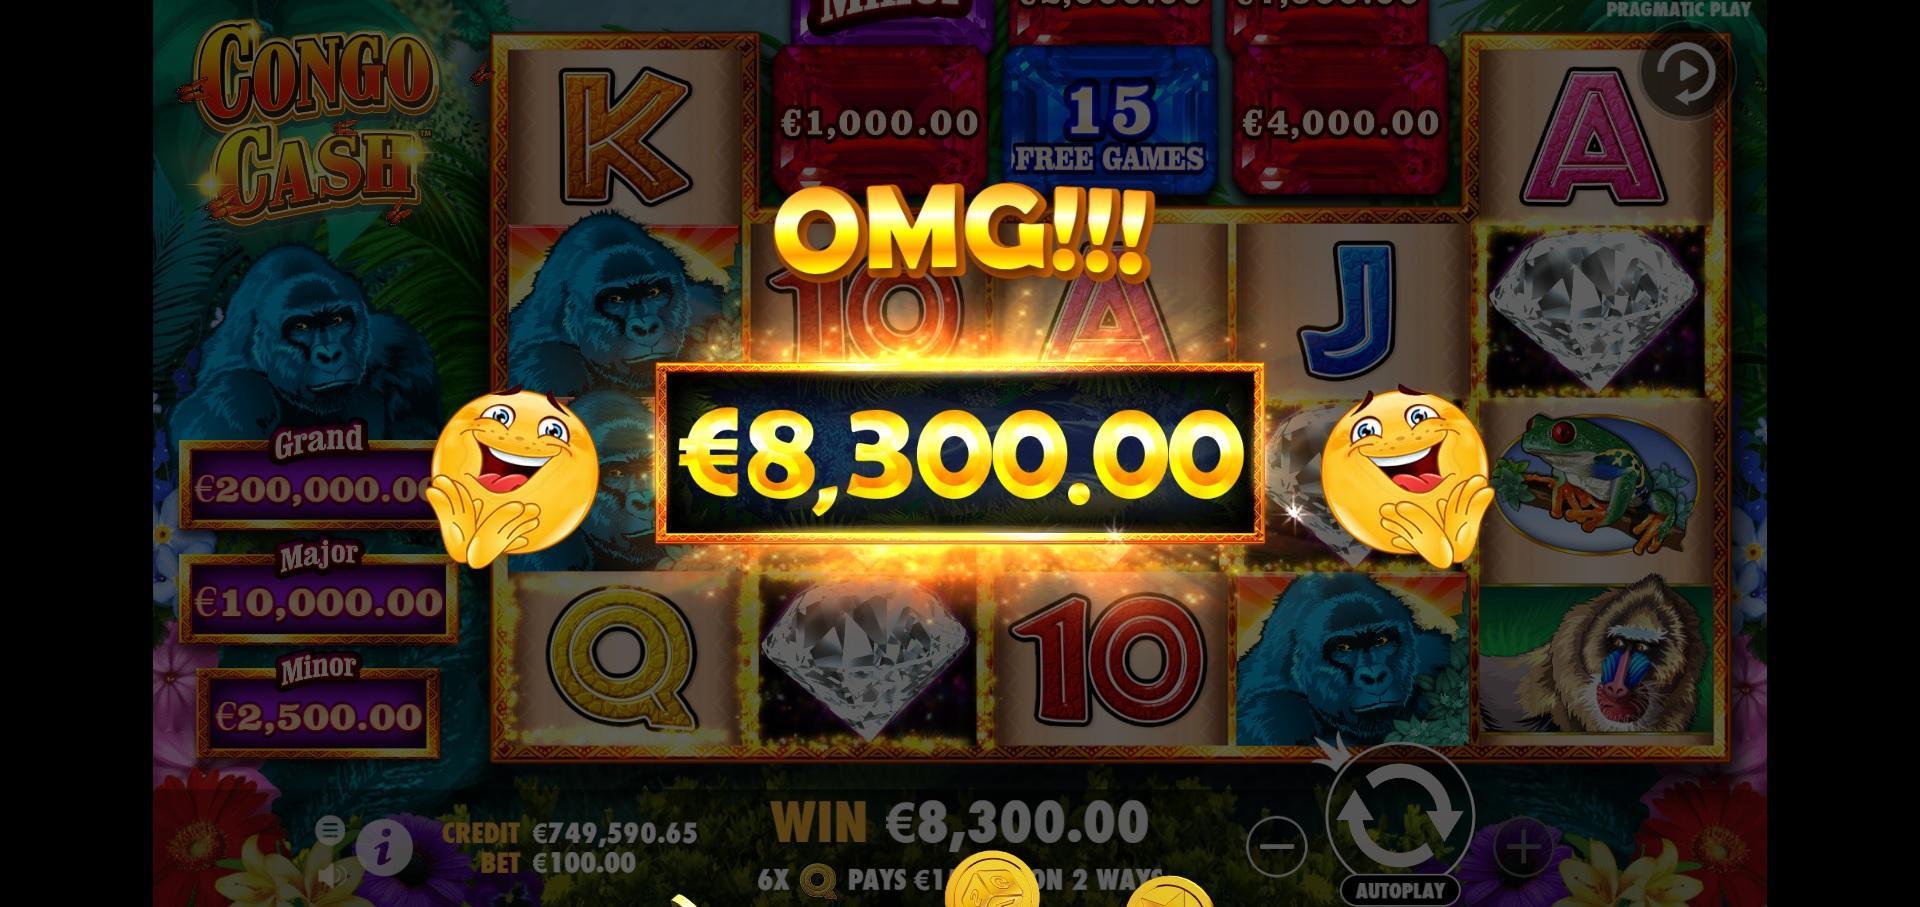 Congo Cash spillemaskine gevinst